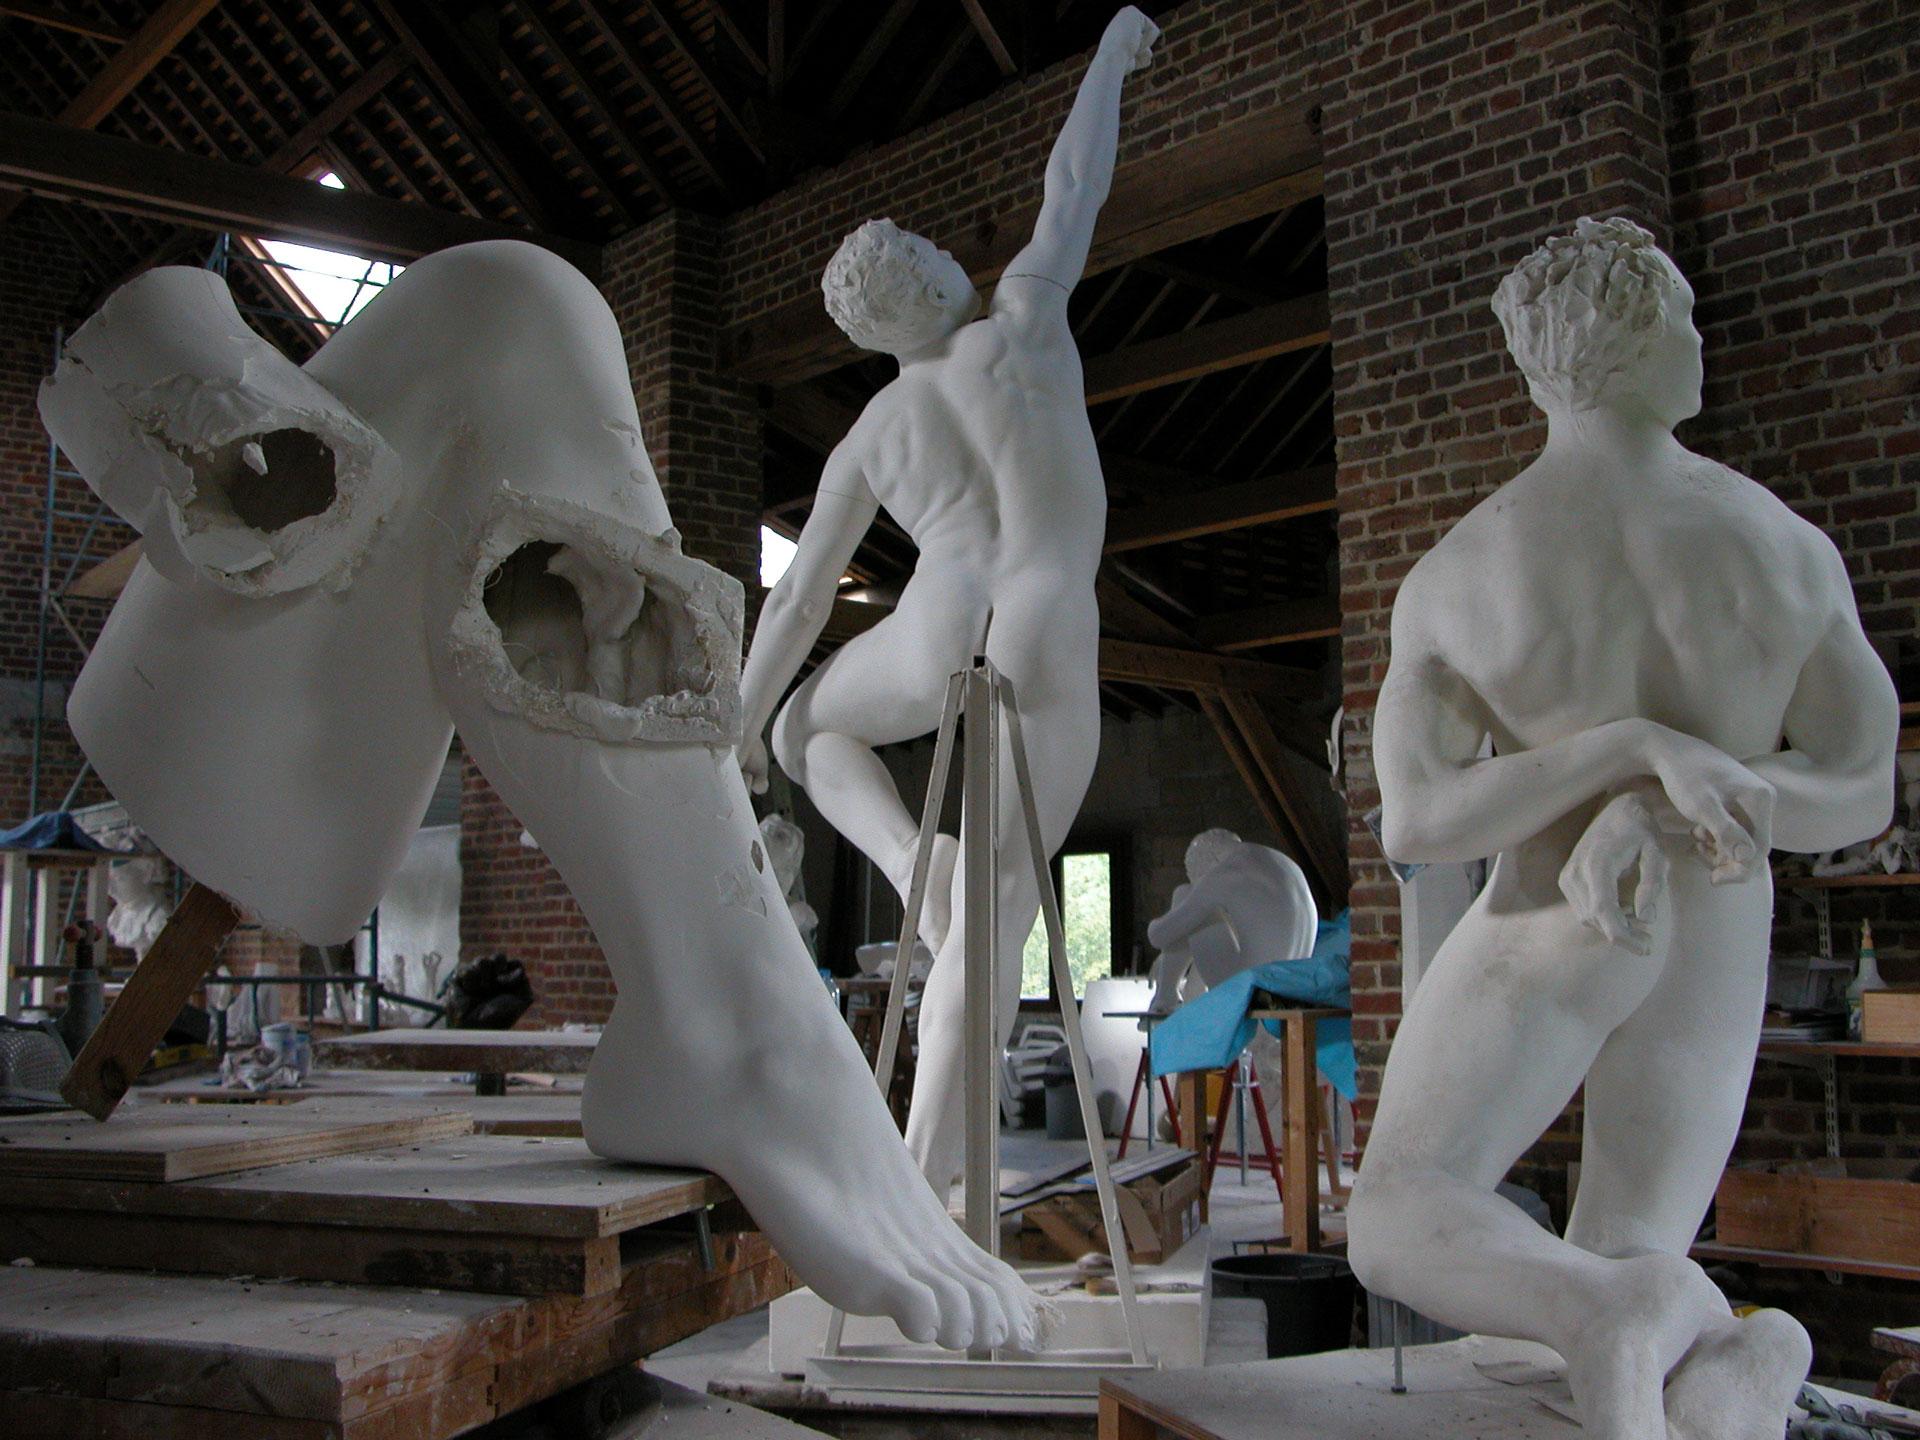 Atelier-Roger-Vène-Sculpteur-Dinan-1